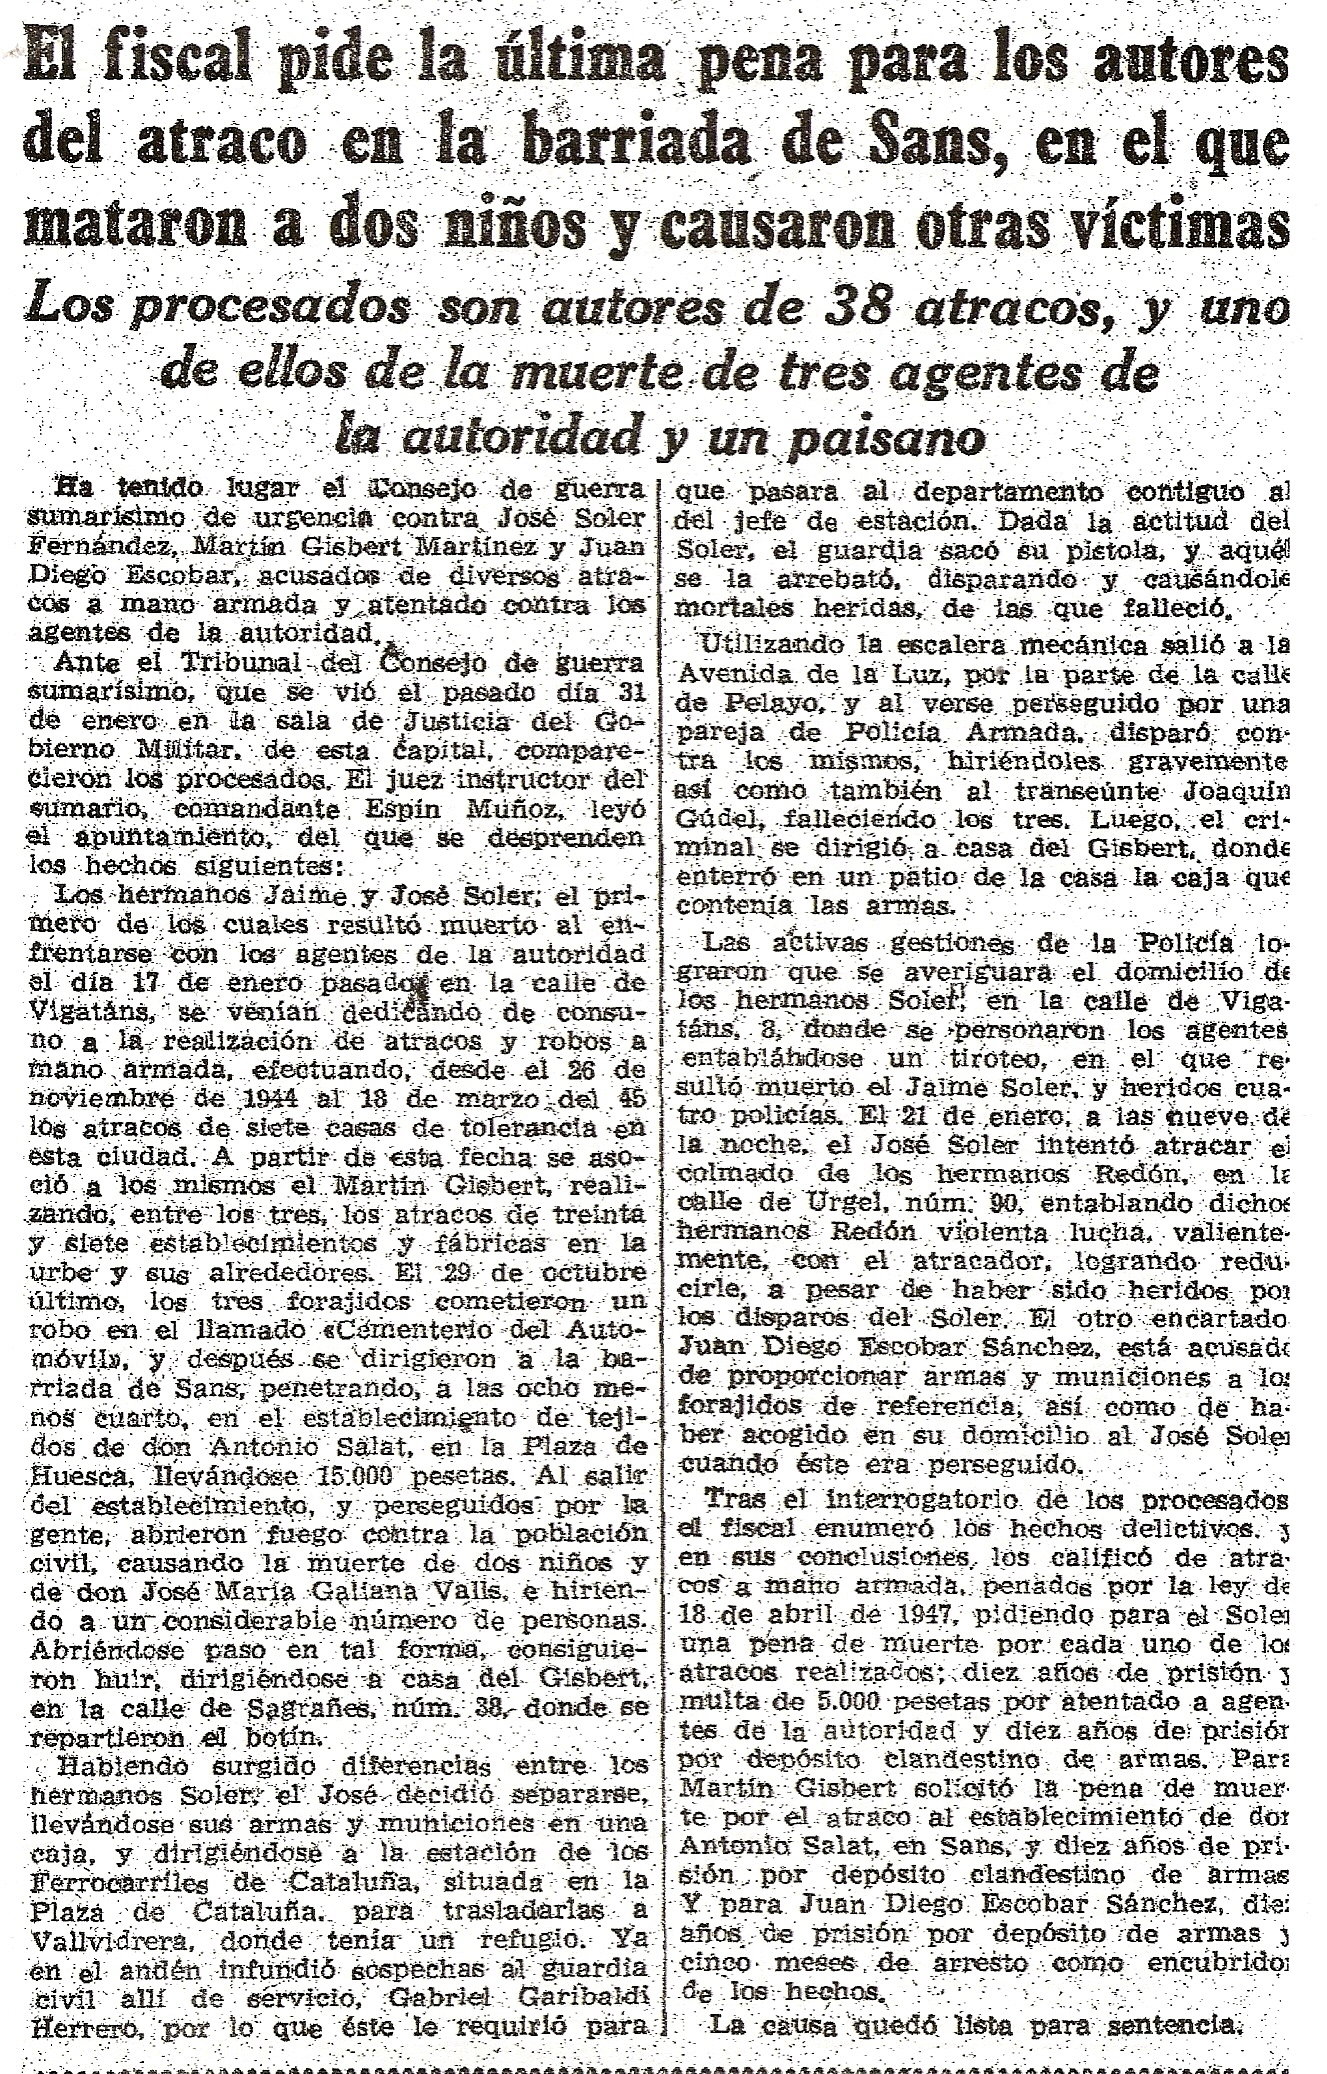 Recorte del 5 de febrero de 1948 respectivo al grupo Soler Fernández.